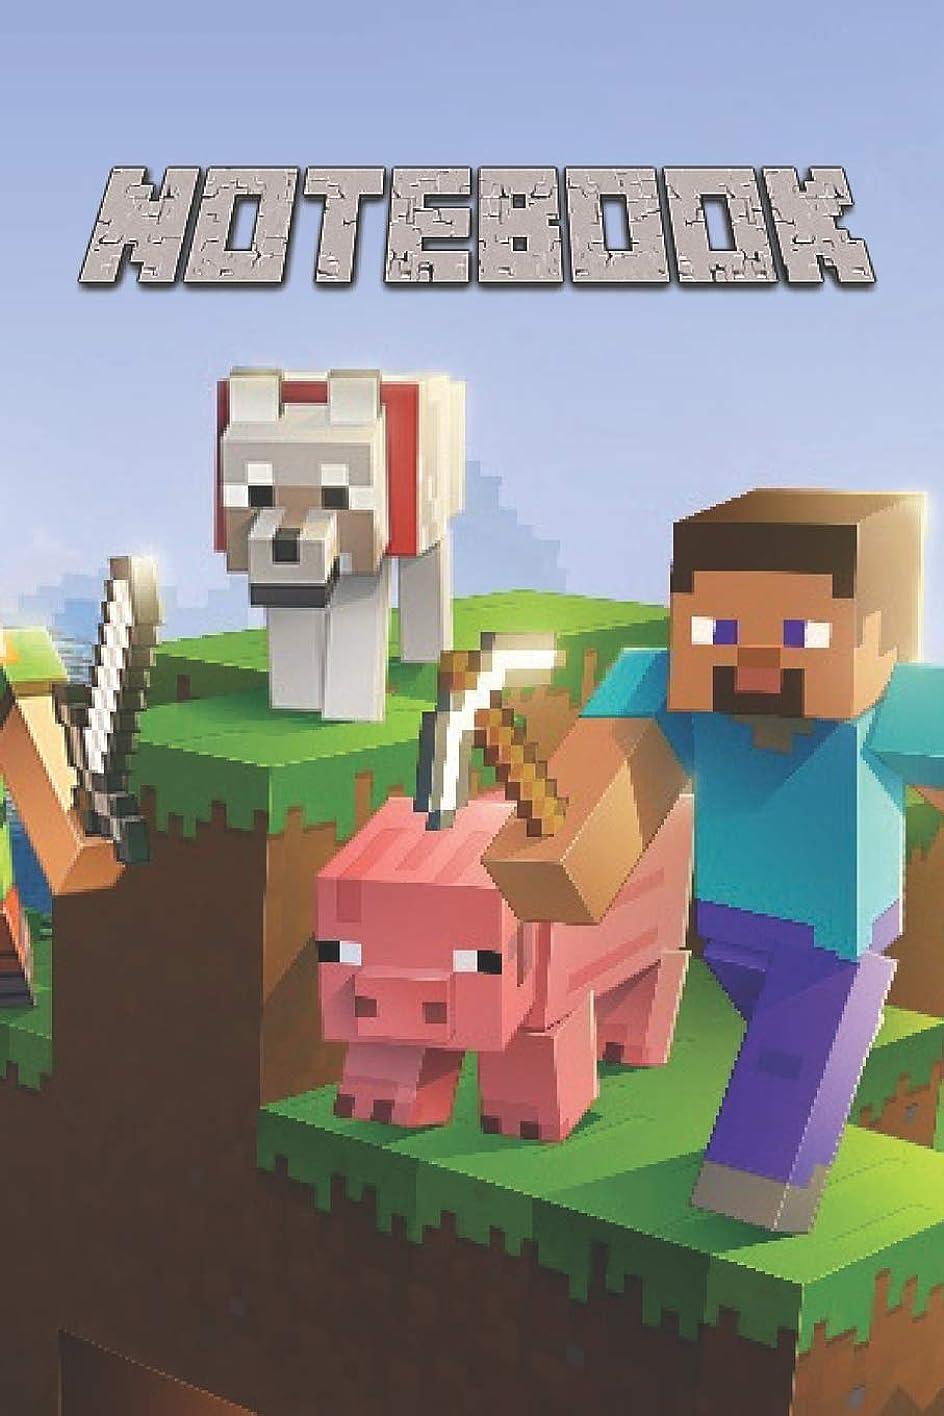 金貸し略奪資本主義Notebook: A Journal Notebook for Any Minecraft Lover and Minecrafter For School Or Personal Use